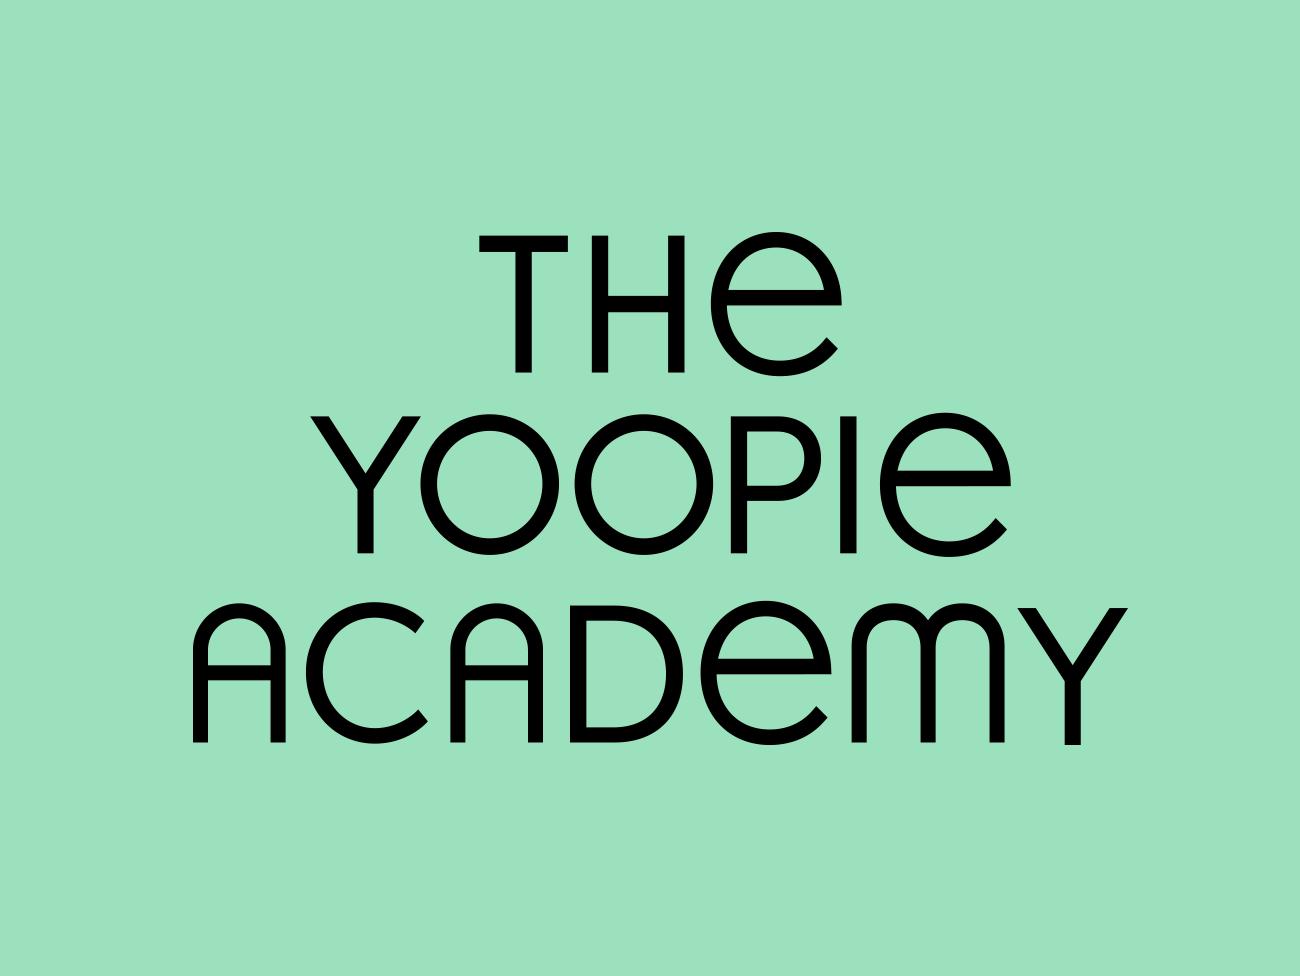 De Joepie Academie, Studio Enkelvoud